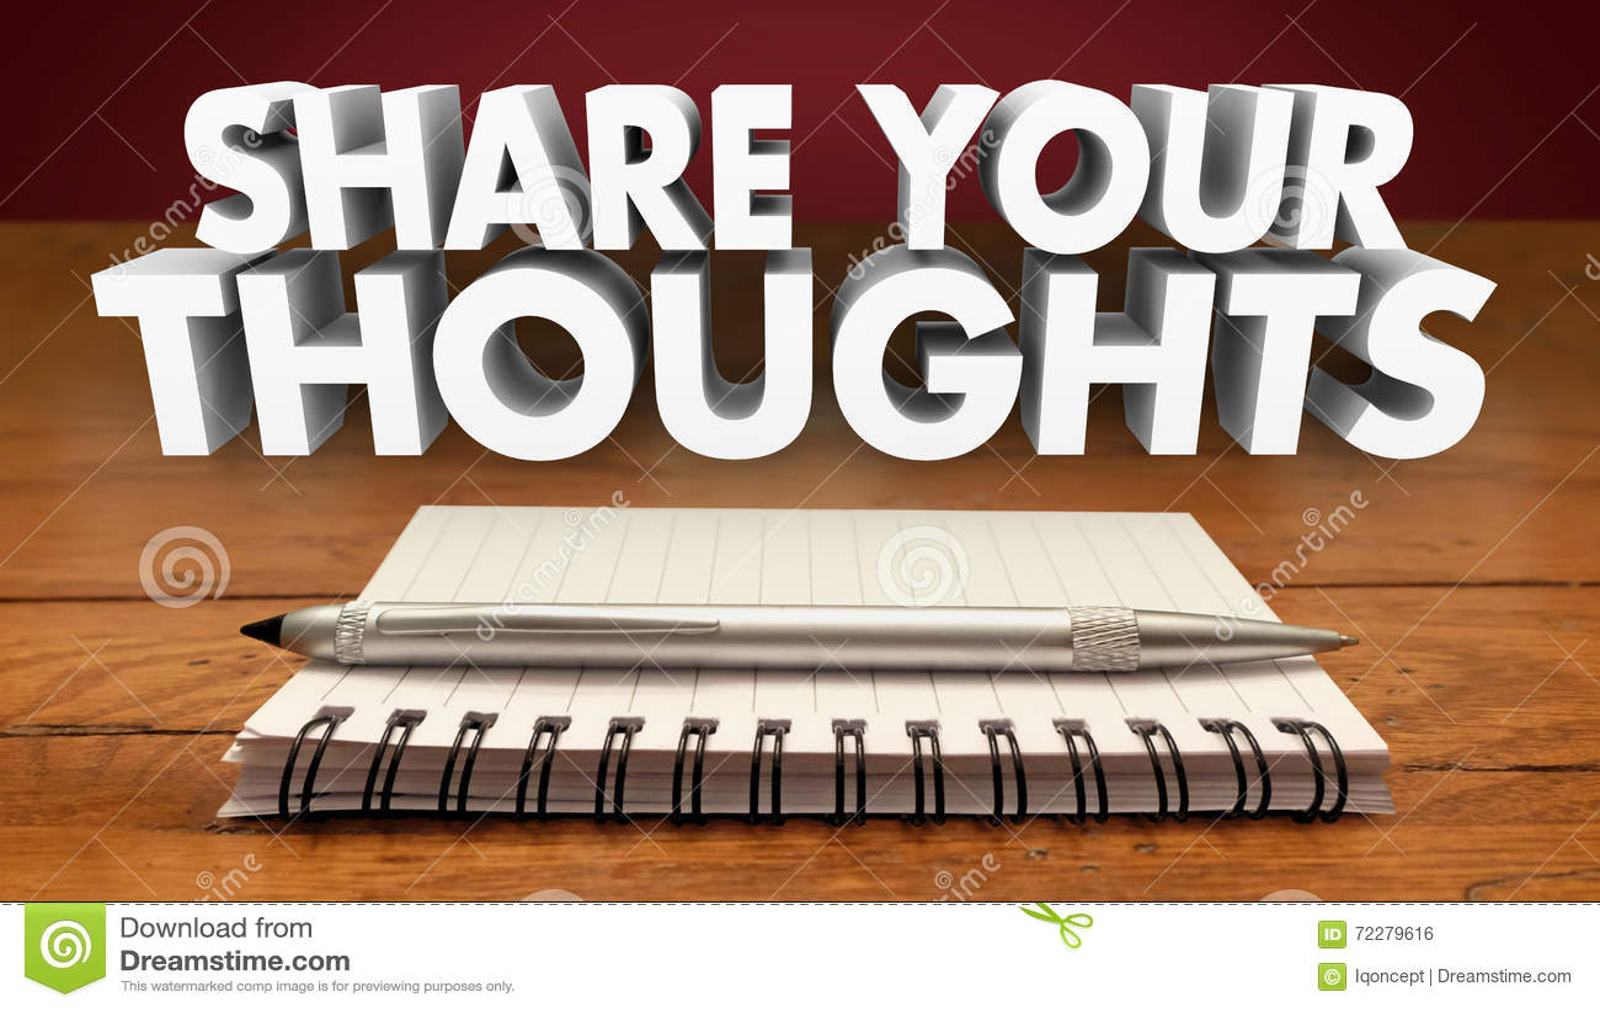 Download Делите вашу обратную связь обзора комментариев мыслей Иллюстрация штока - иллюстрации насчитывающей рассматривать, страница: 72279616